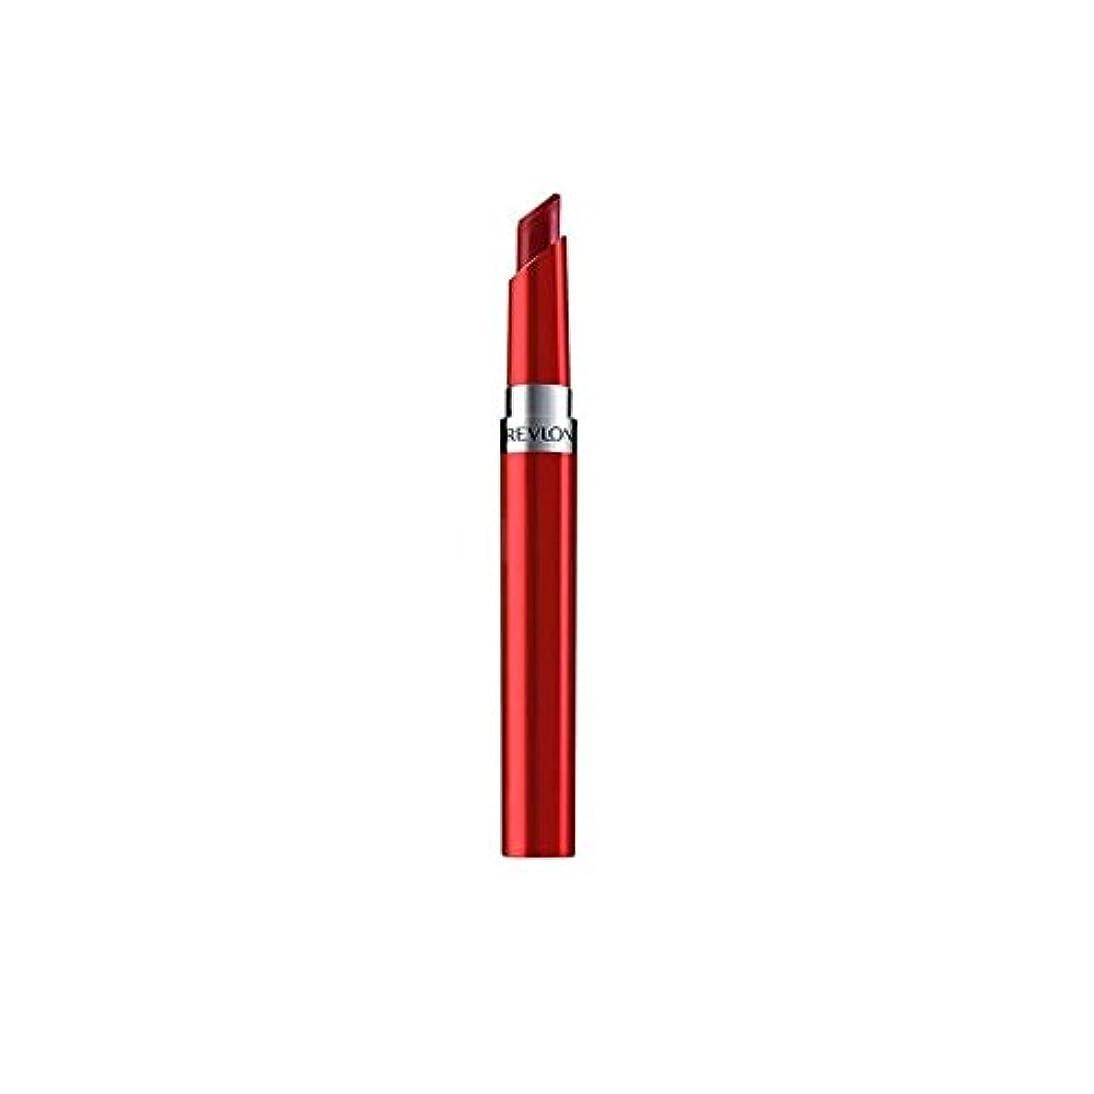 イタリアの特徴づけるクレアRevlon Ultra HD Gel Lipcolor Lava (Pack of 6) - レブロン超ゲル溶岩 x6 [並行輸入品]